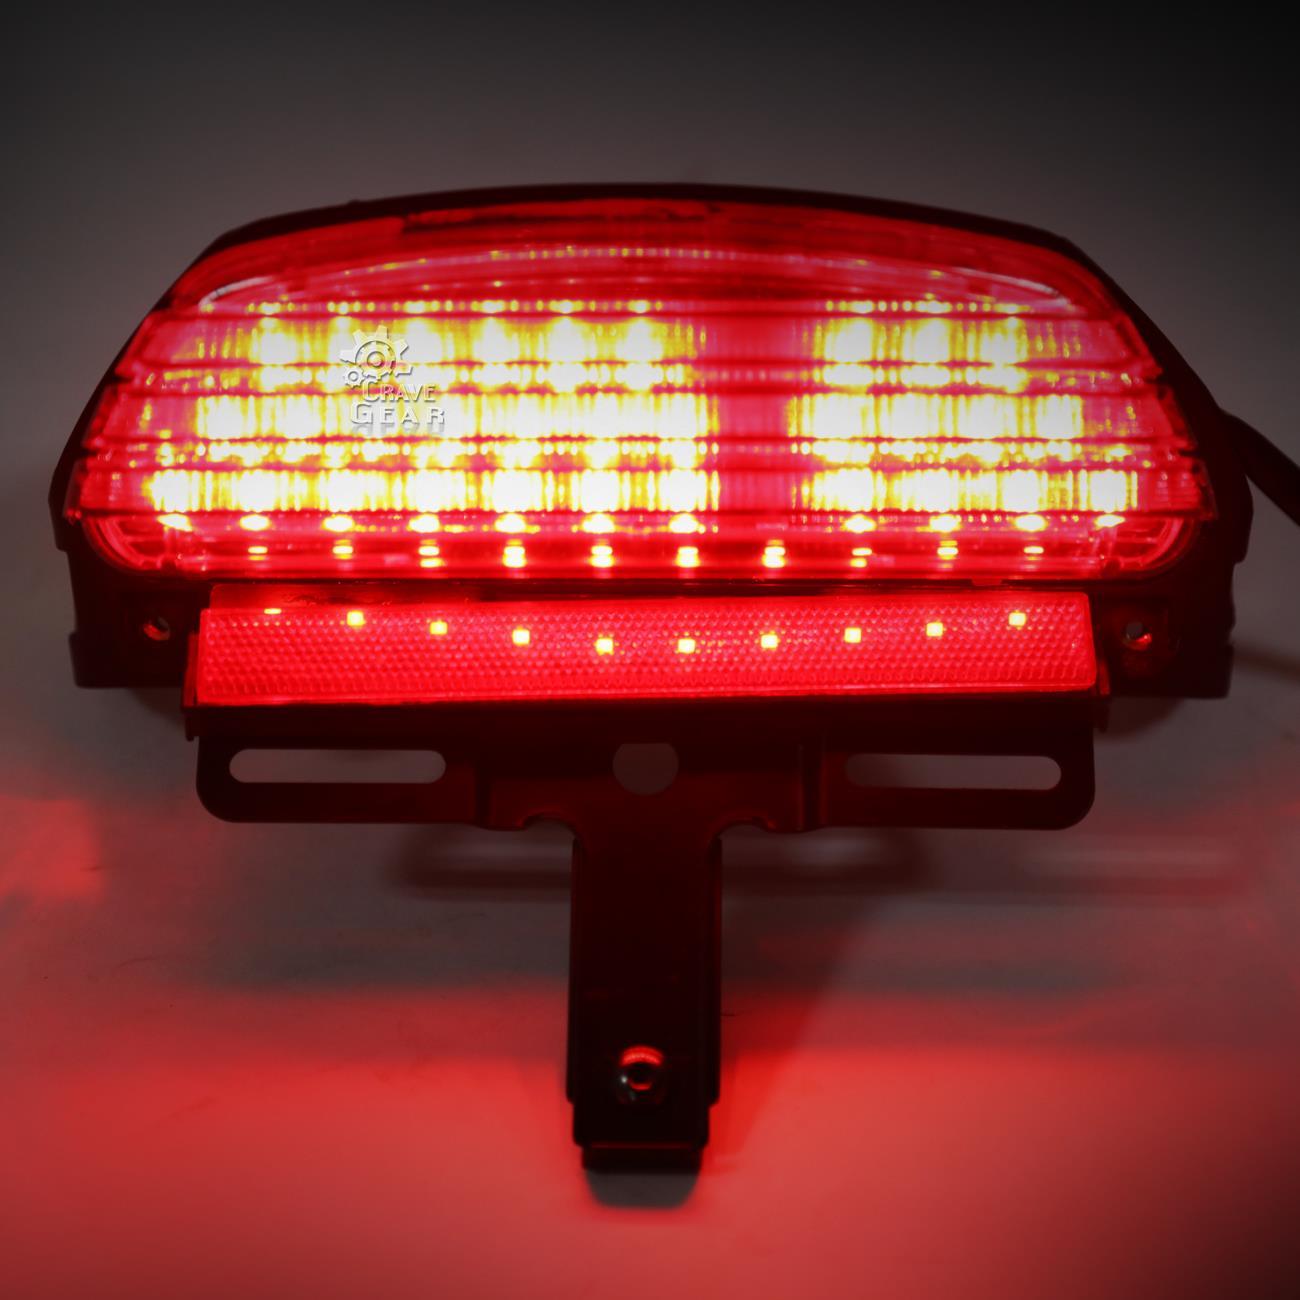 Led Red Rear Fender Tail Brake License Light For Harley